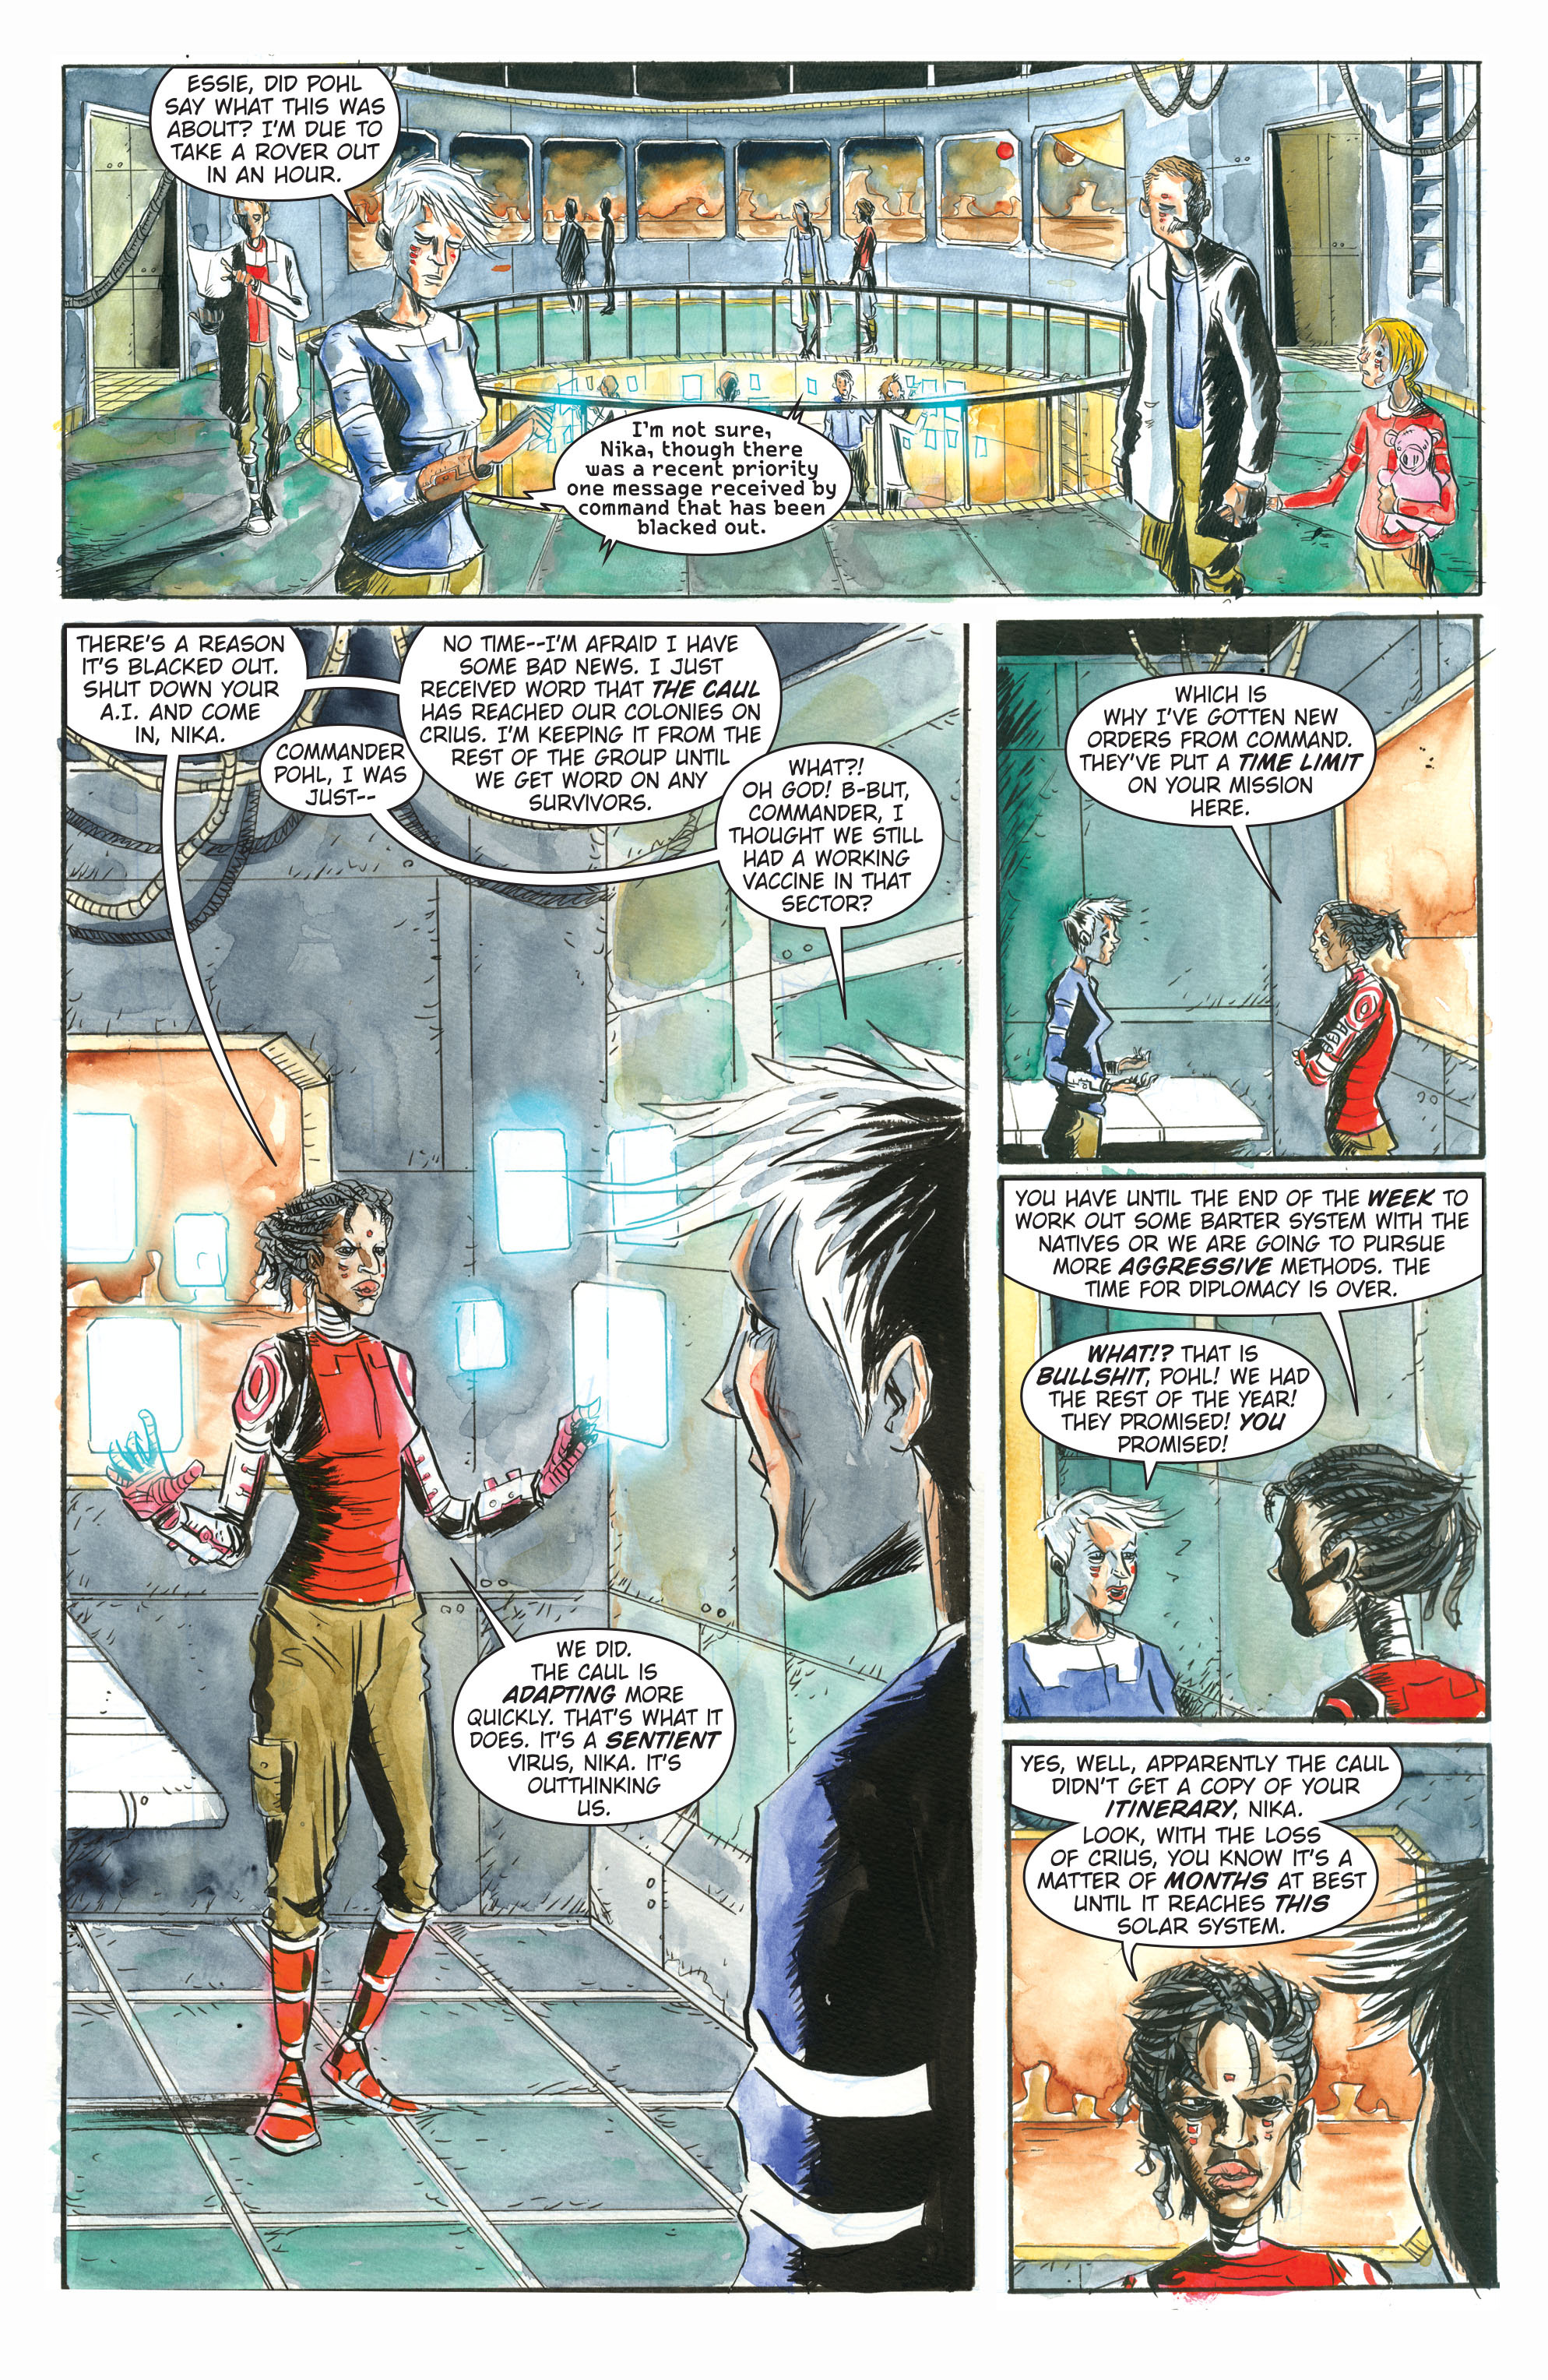 Read online Trillium comic -  Issue # TPB - 9